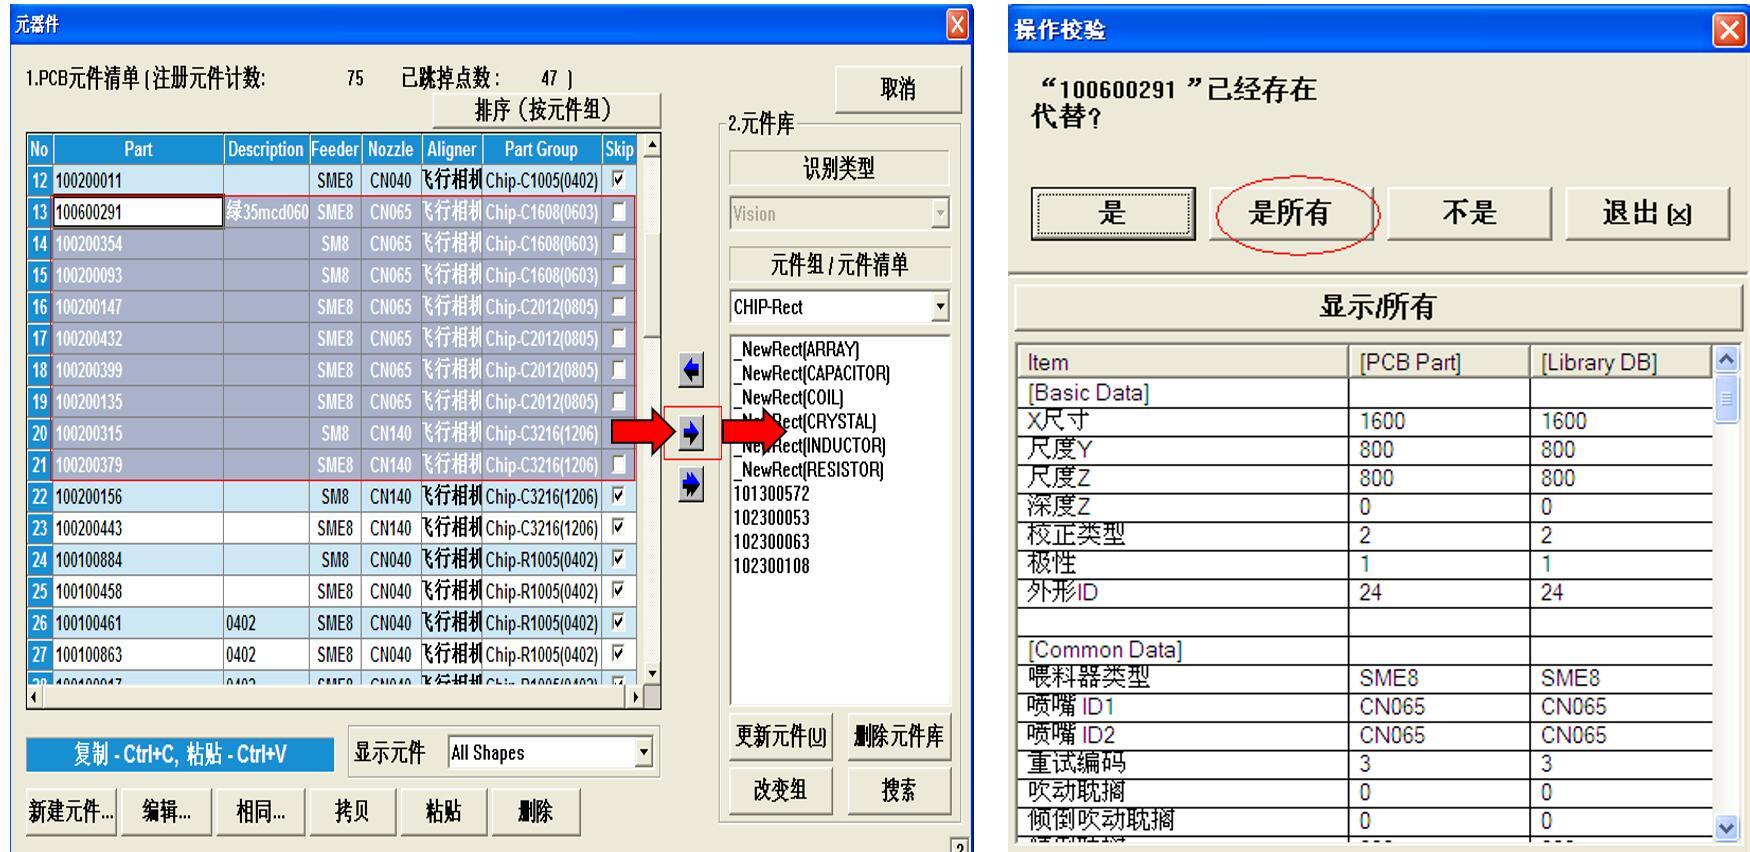 韩华贴片机(三星贴片机)程序管理和优化方法 元件库更新